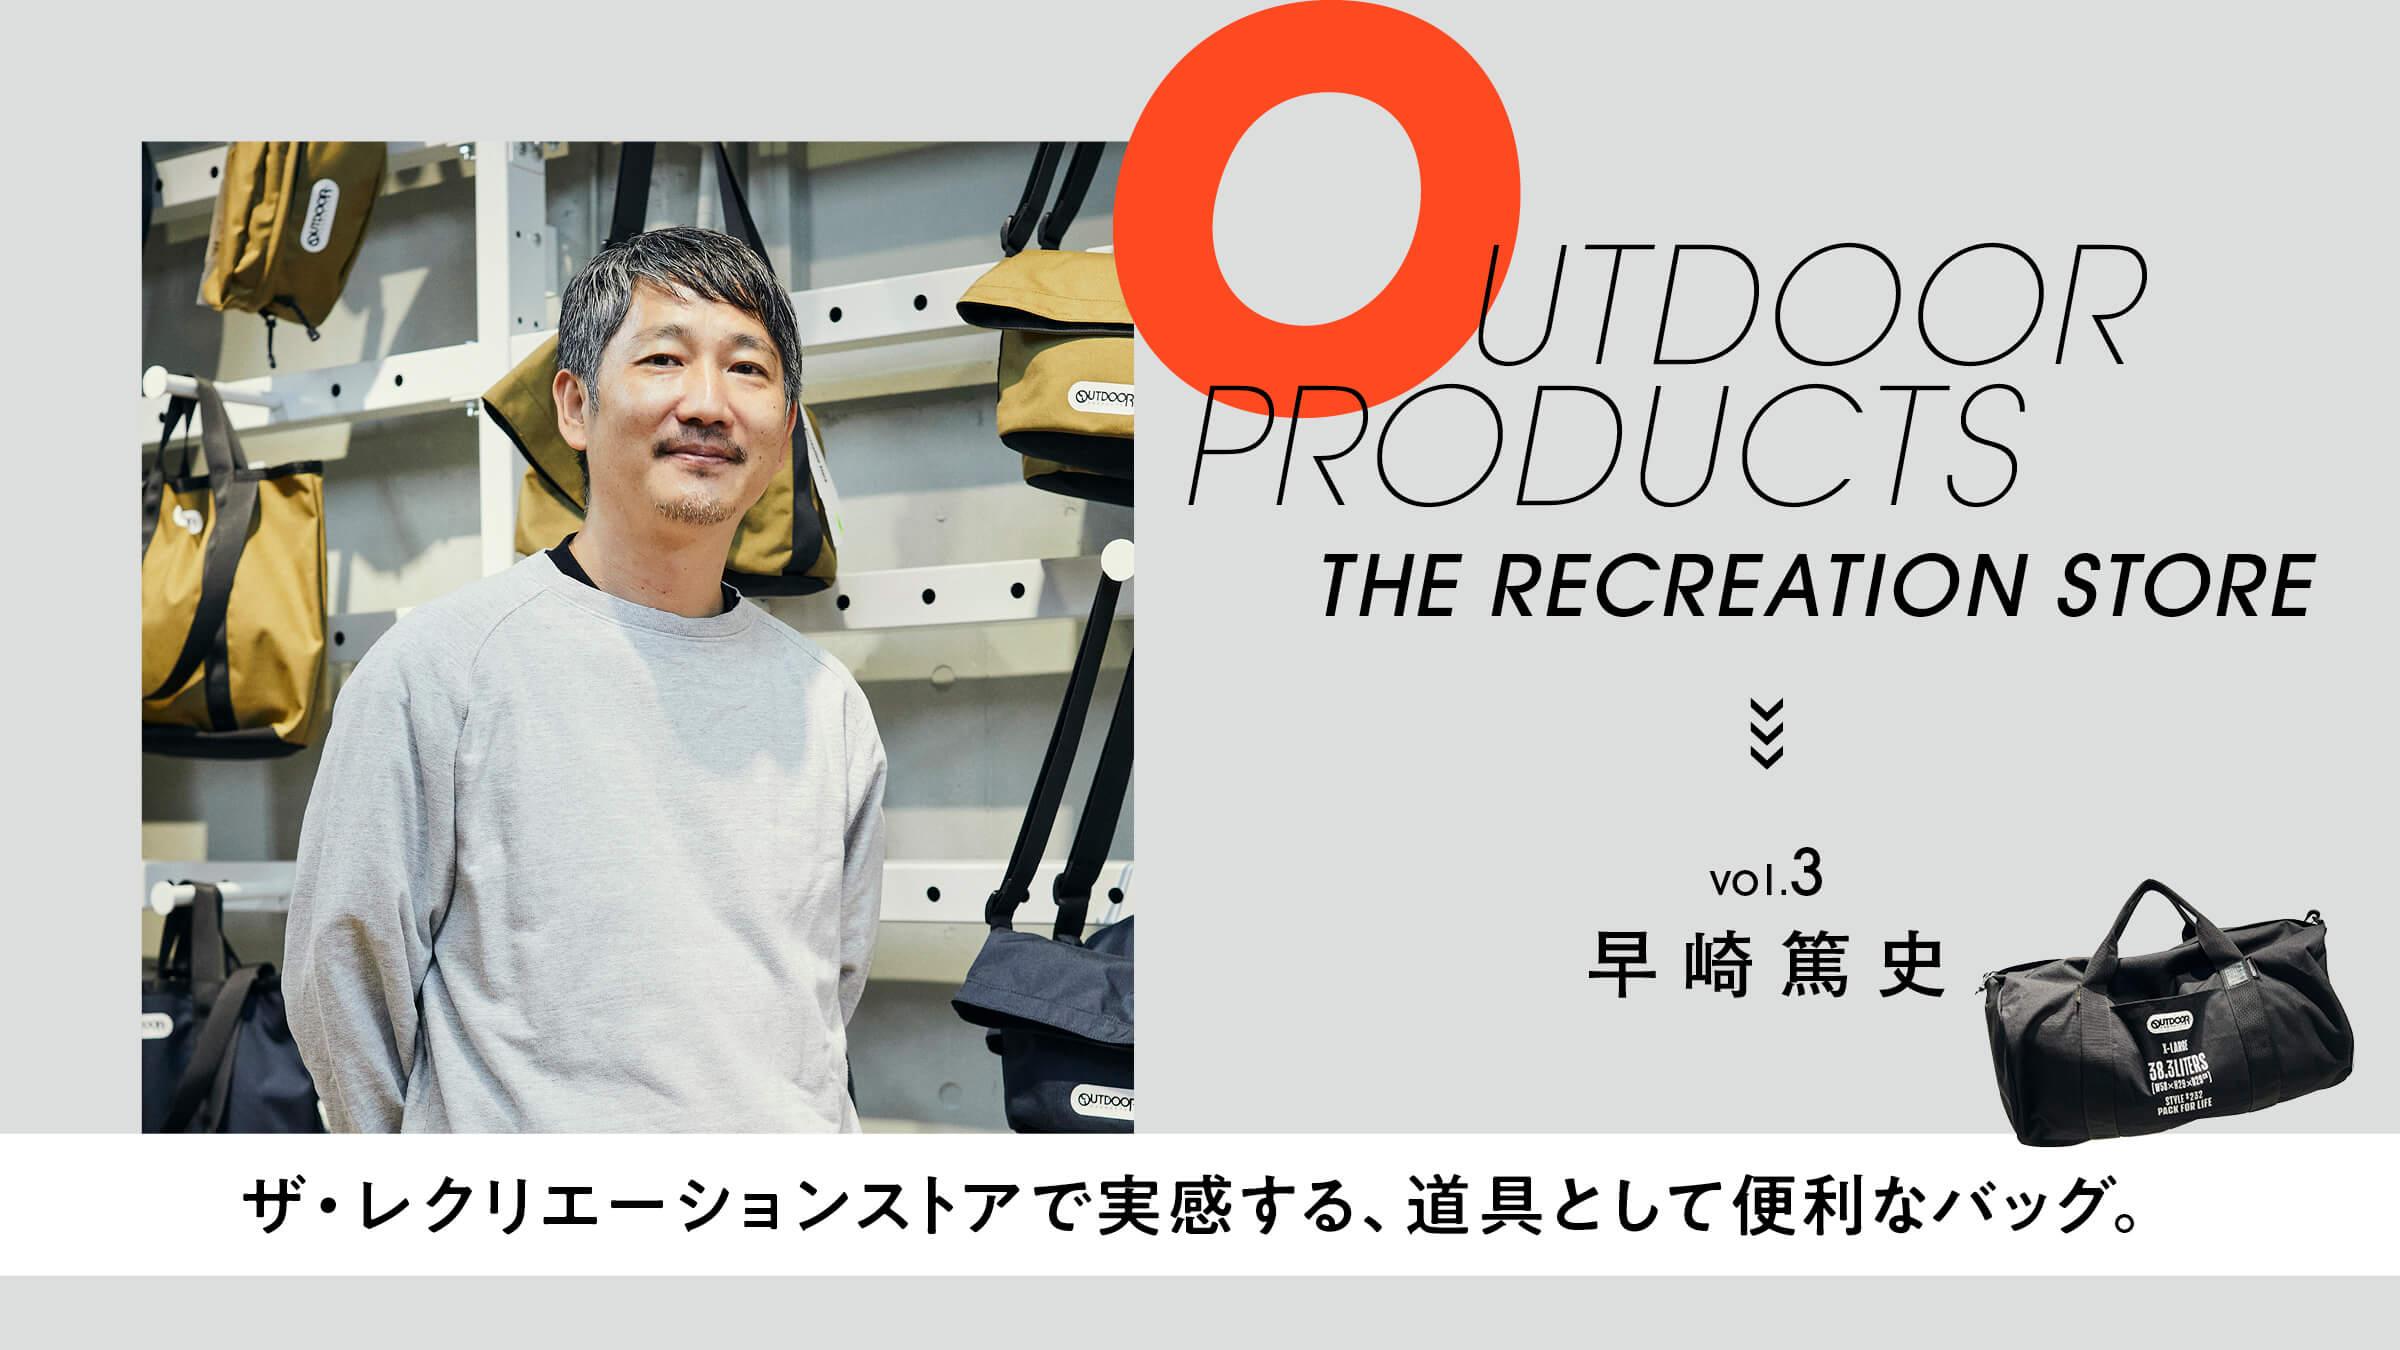 ザ・レクリエーションストアで実感する、道具として便利なバッグ。 vol.3 早崎篤史